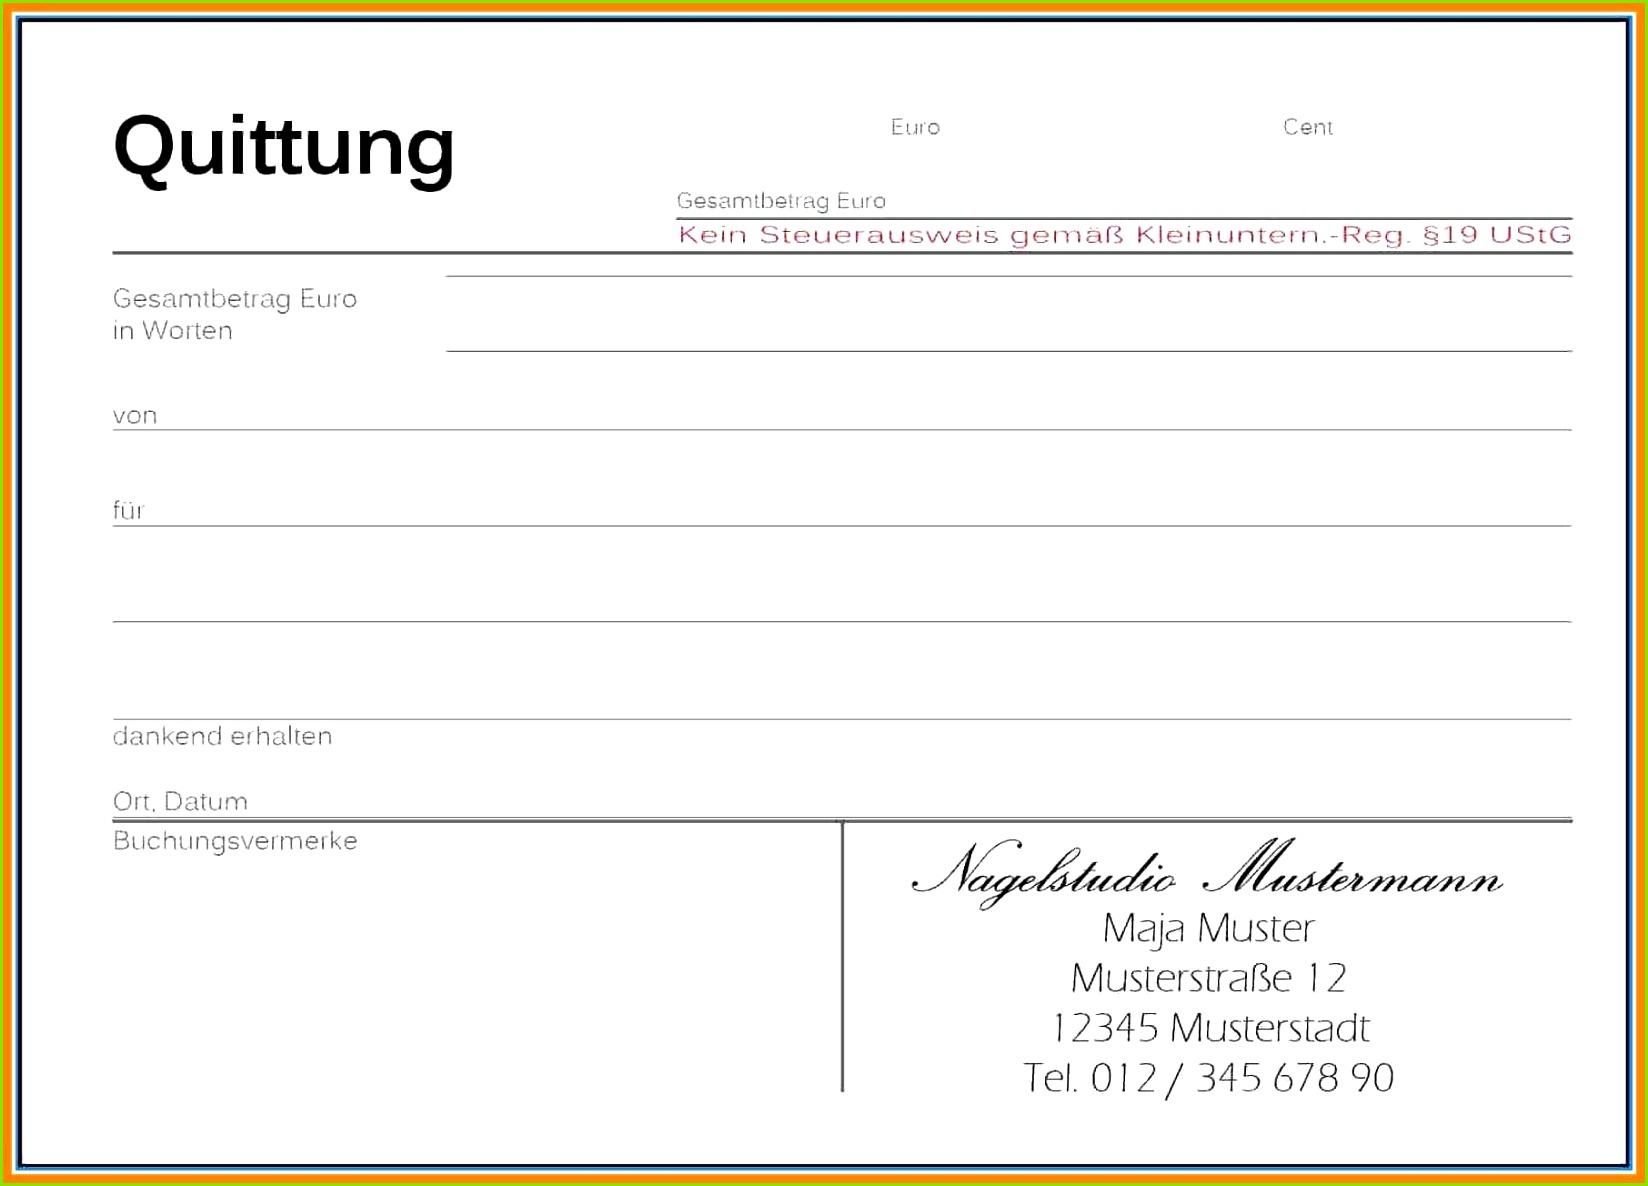 quittung miete vorlage quittung vorlage word gut word vorlage quittungsblock blanko mietvertrag of quittung vorlage word